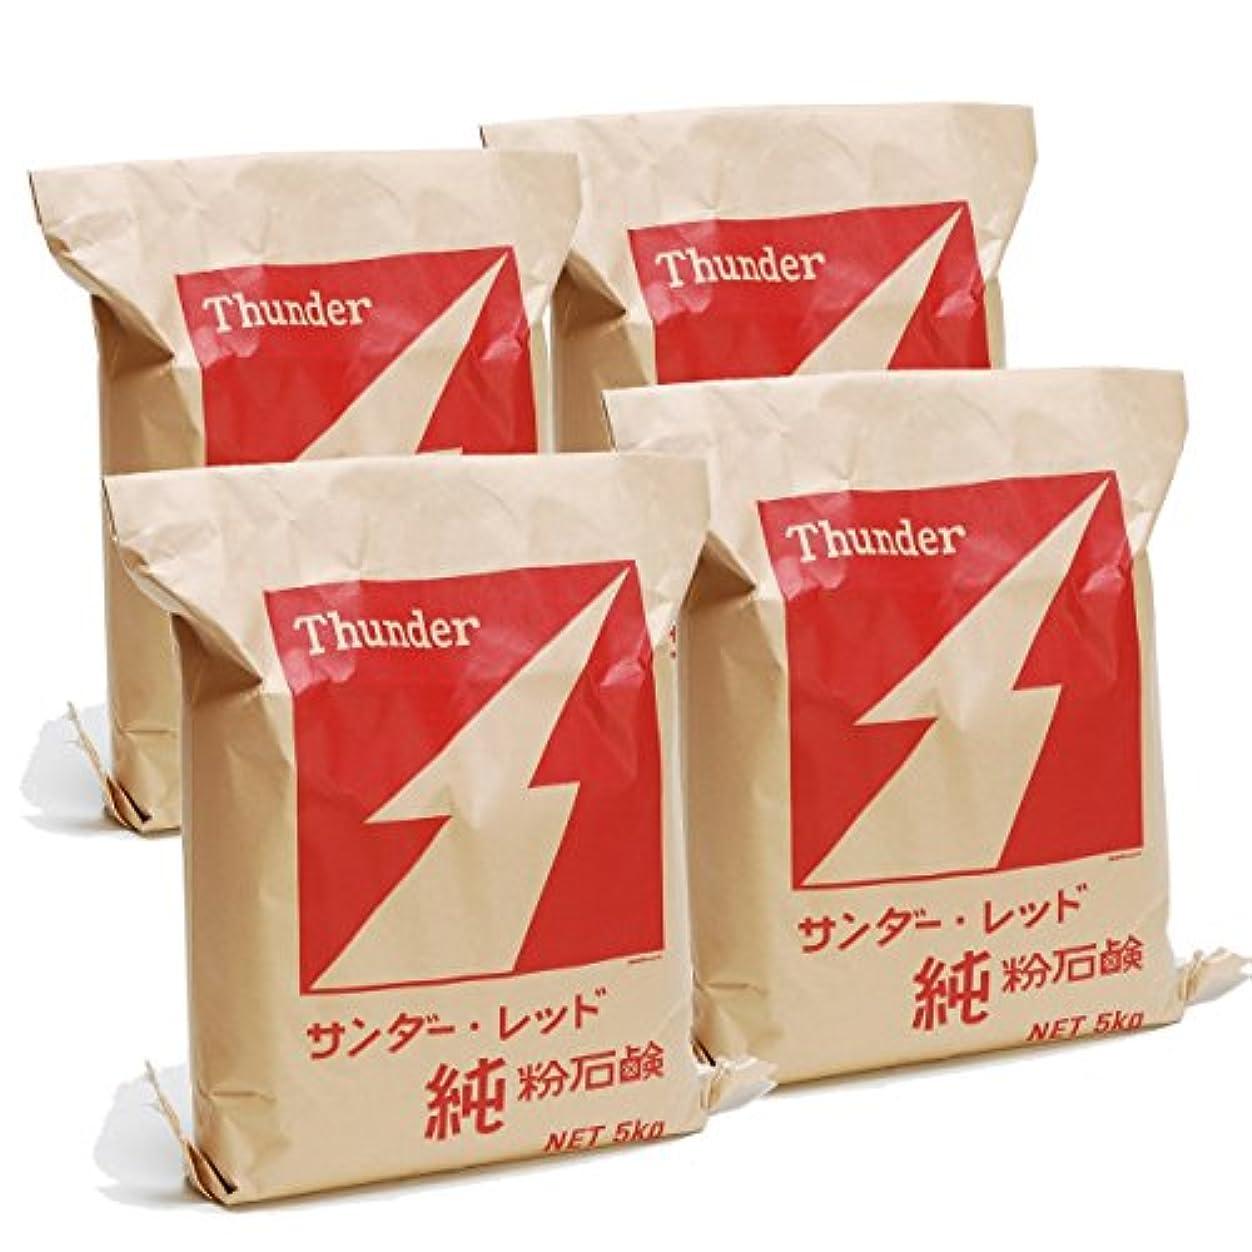 穀物大砲ライフル【大豆由来の無添加石鹸】 サンダーレッド(Thunder Red) 5kg × 4個